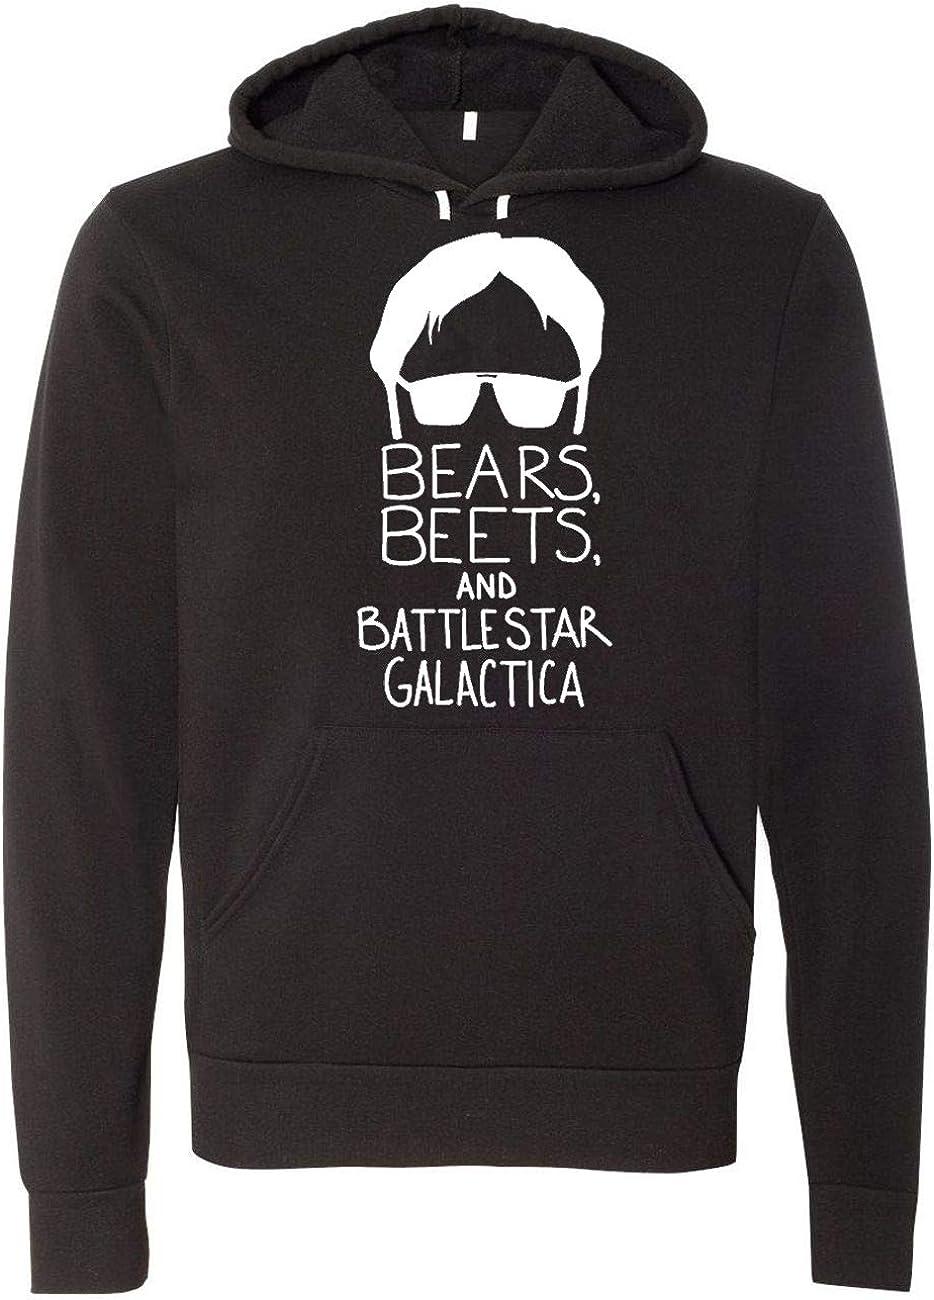 The Office Bears Beets Dwight Head Unisex Hooded Sweatshirt